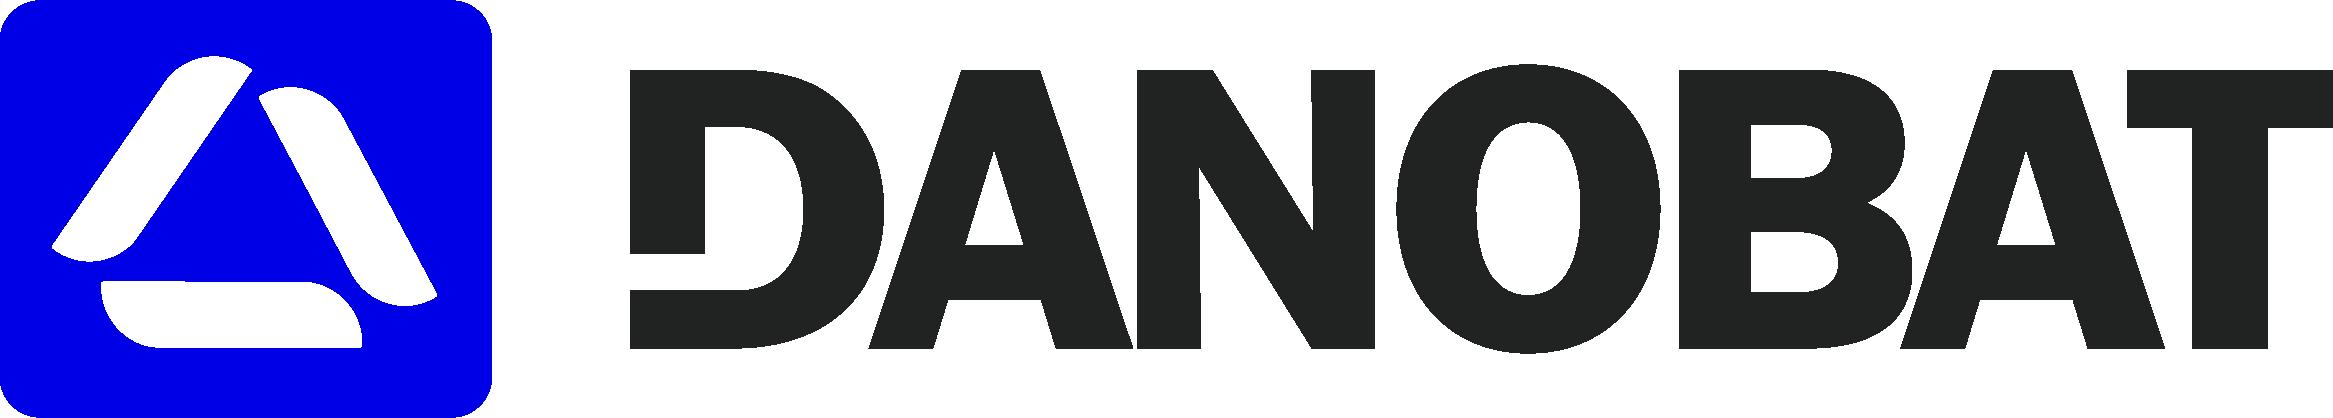 Danobat Composites